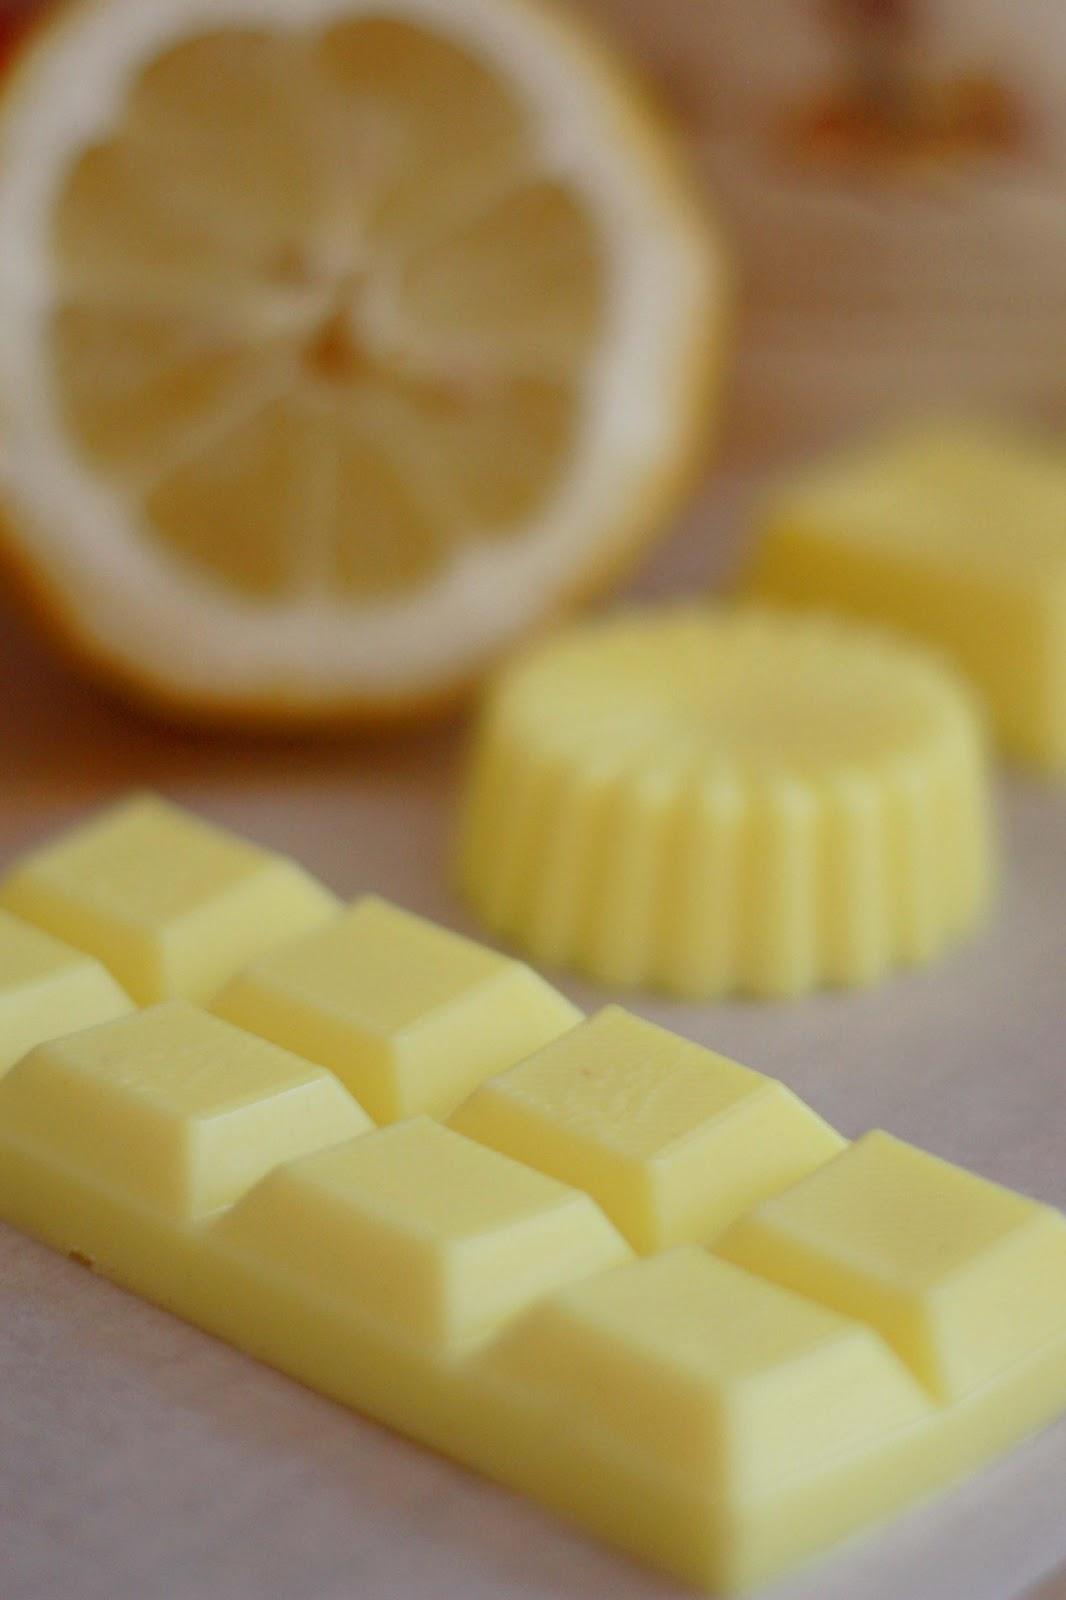 Эксклюзивная вещь своими руками: свари дома оригинальное кудрявое мыло! - сайт для женщин